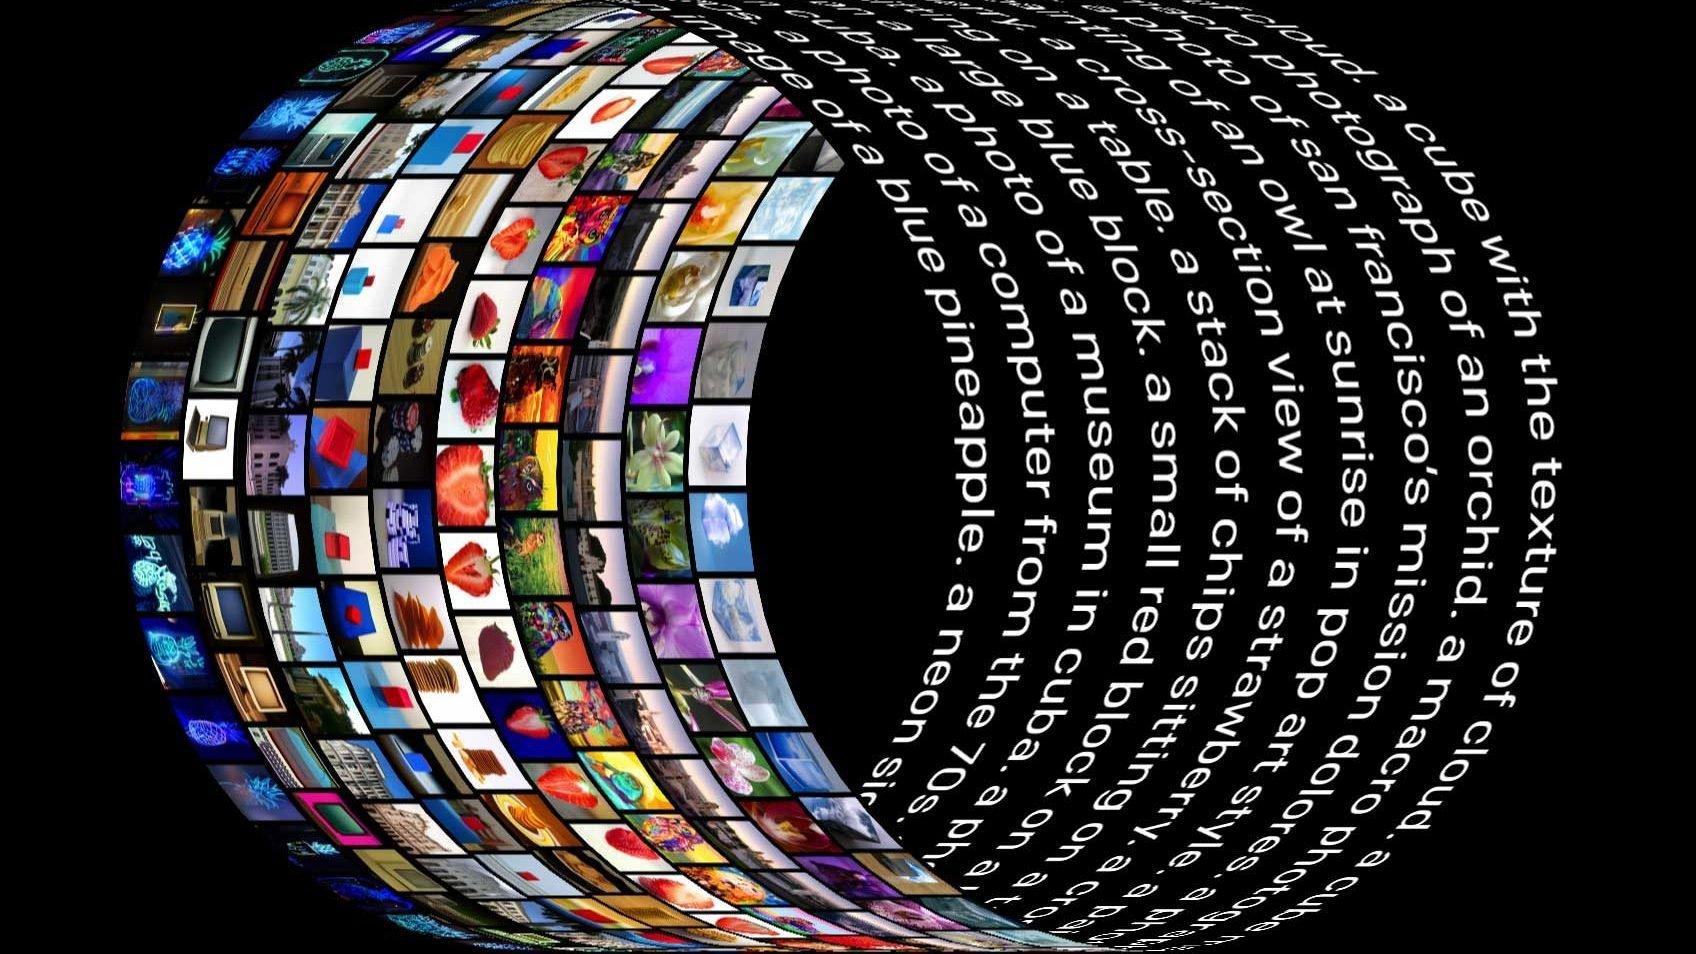 Nova inteligência artificial cria imagens a partir de texto. A openai desenvolveu uma nova pesquisa em ia: a nova inteligência artificial cria imagens a partir de textos, usando 12 bilhões de parâmetros herdados da gpt-3